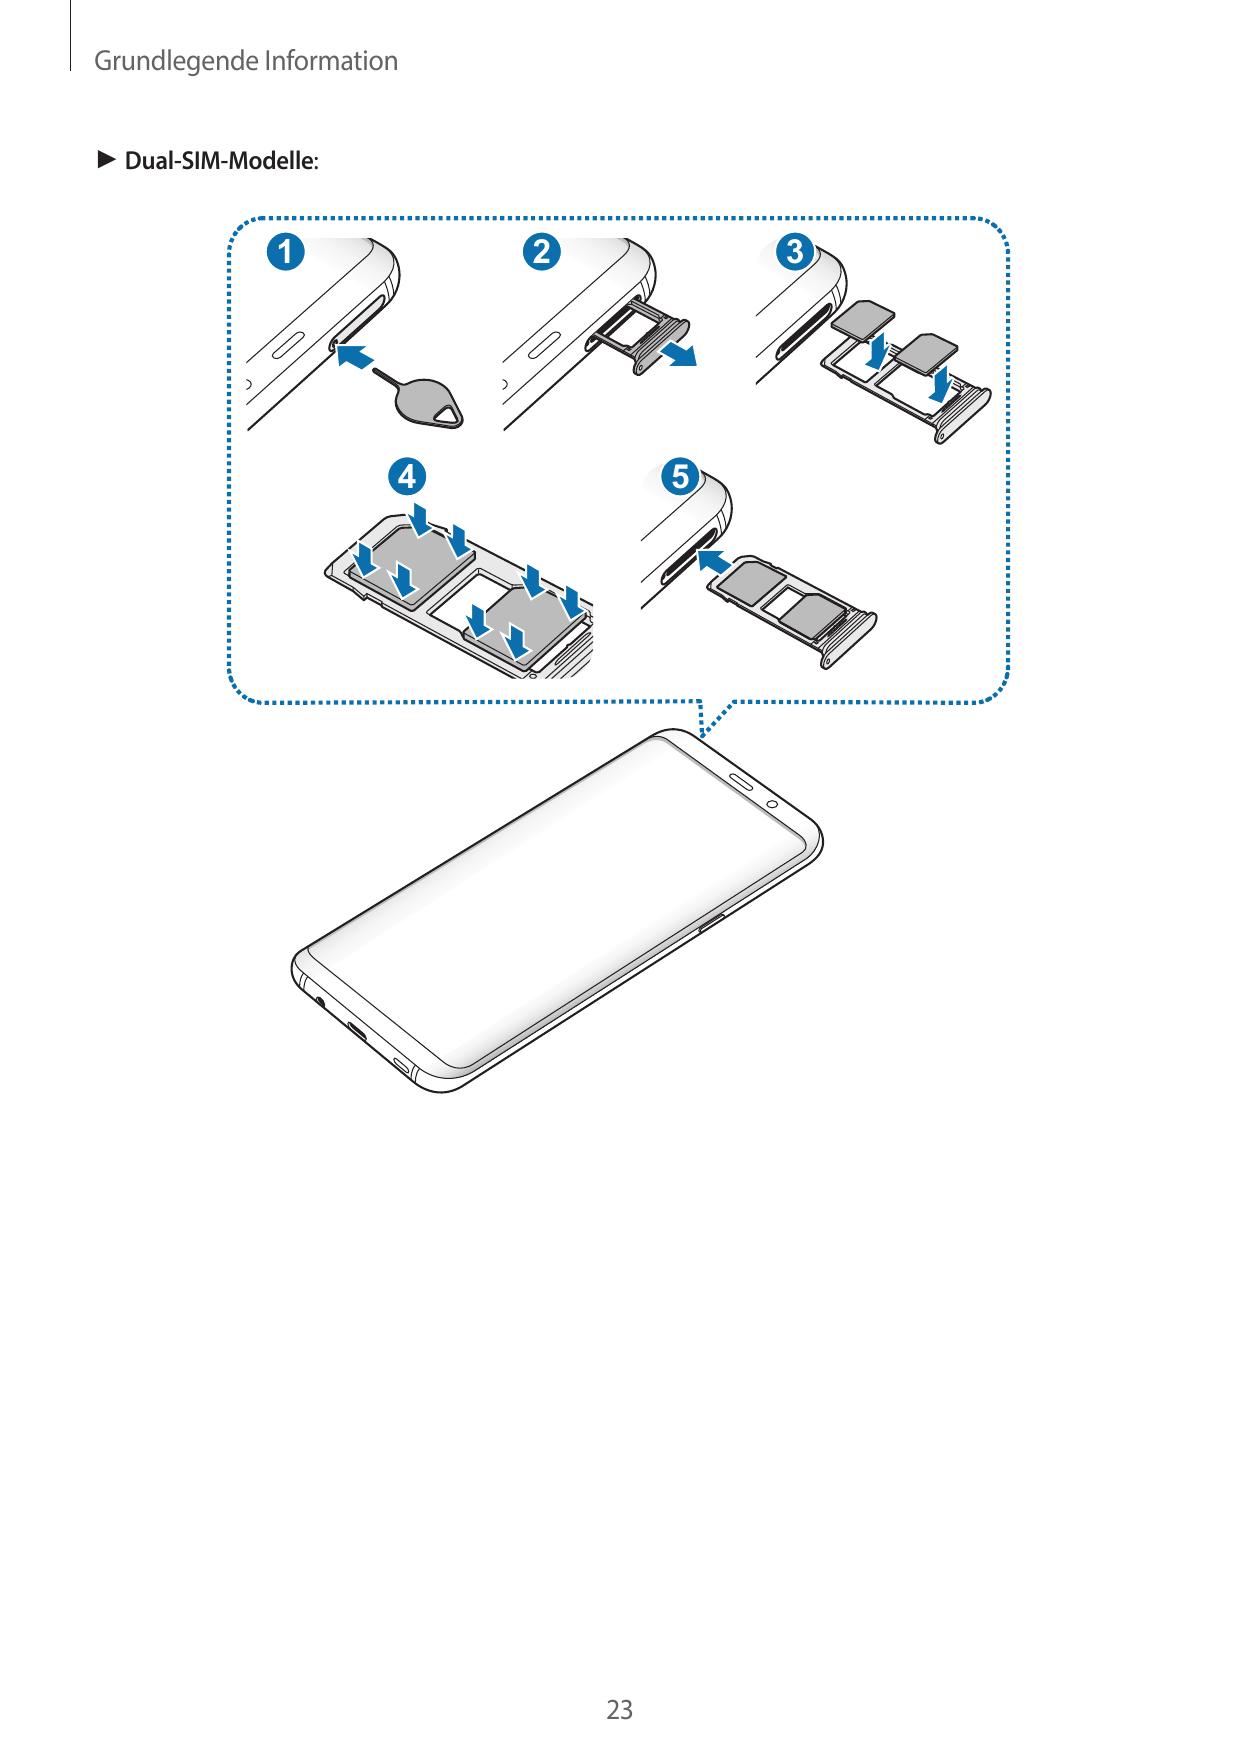 Bedienungsanleitung Für Galaxy S9